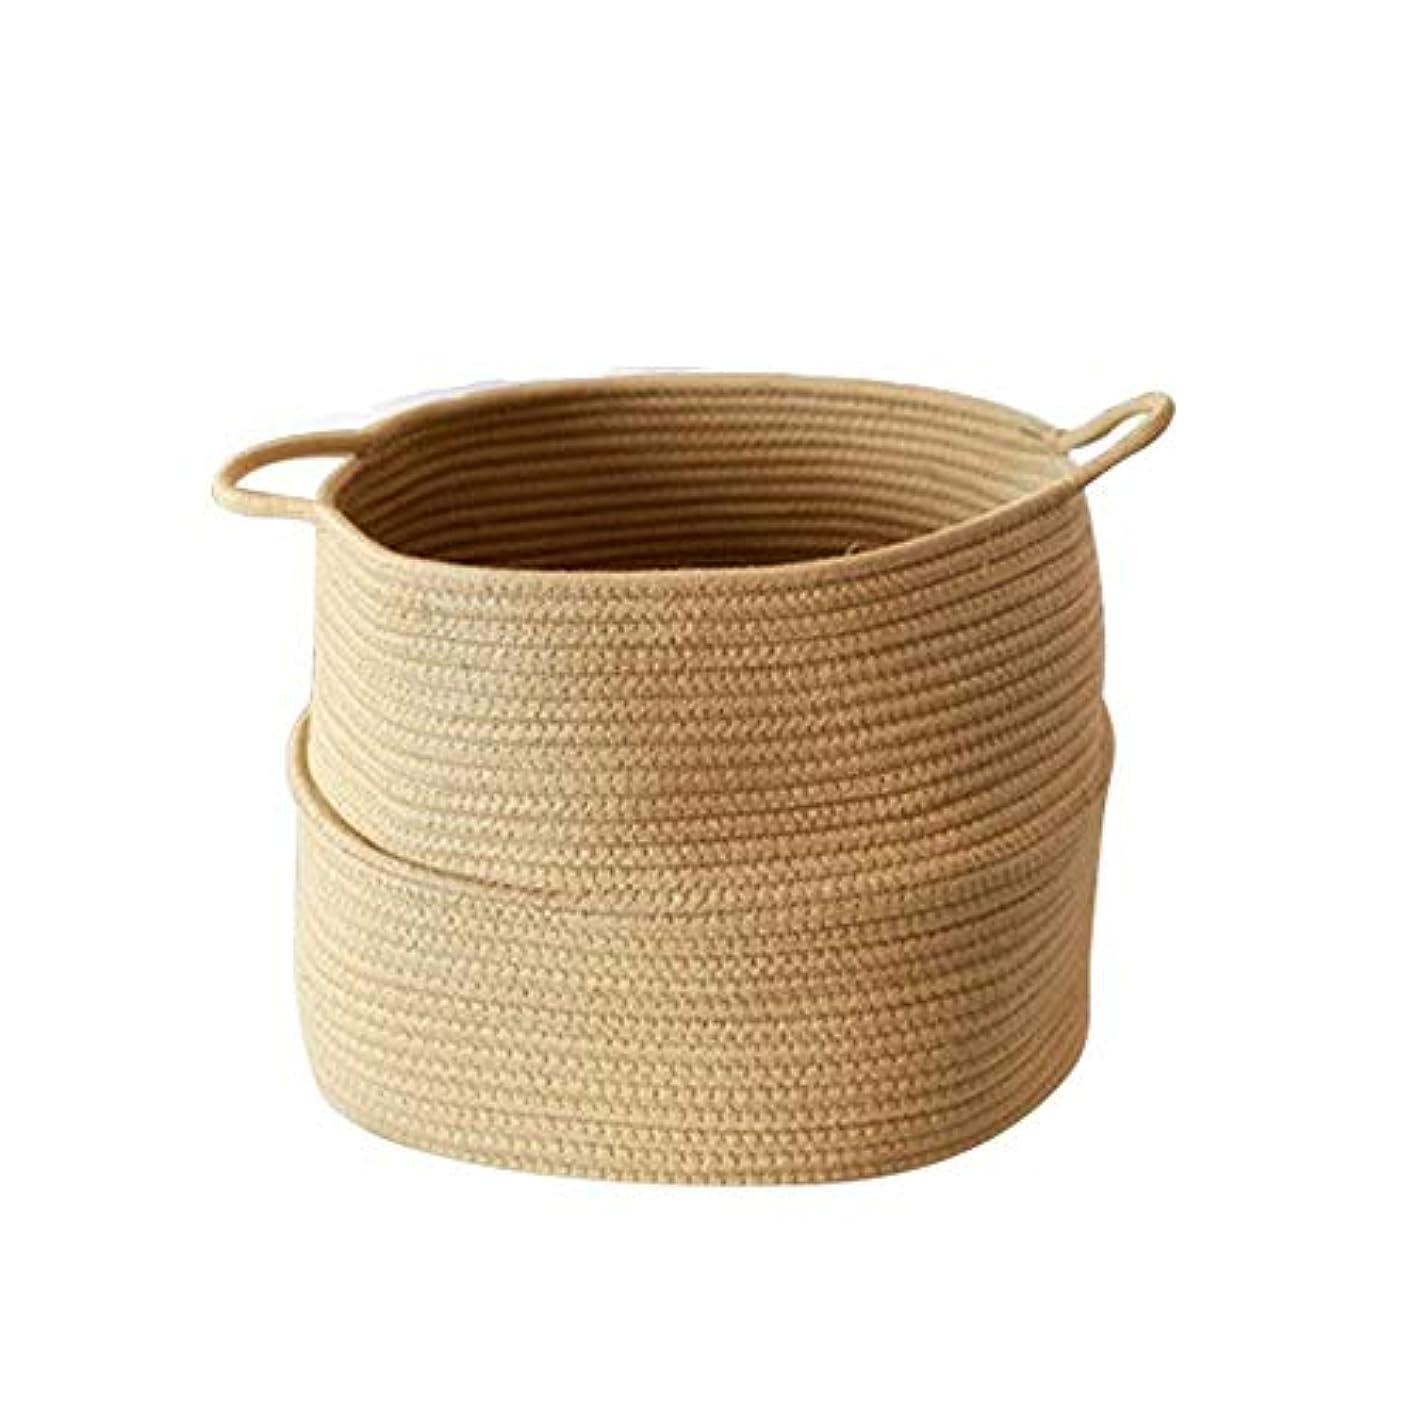 アラブ奴隷魔術ベビーランドリーバスケット玩具ストレージブランケットストレージソフトストレージのために綿ロープバスケットハンドルビン?ナチュラル織バスケット